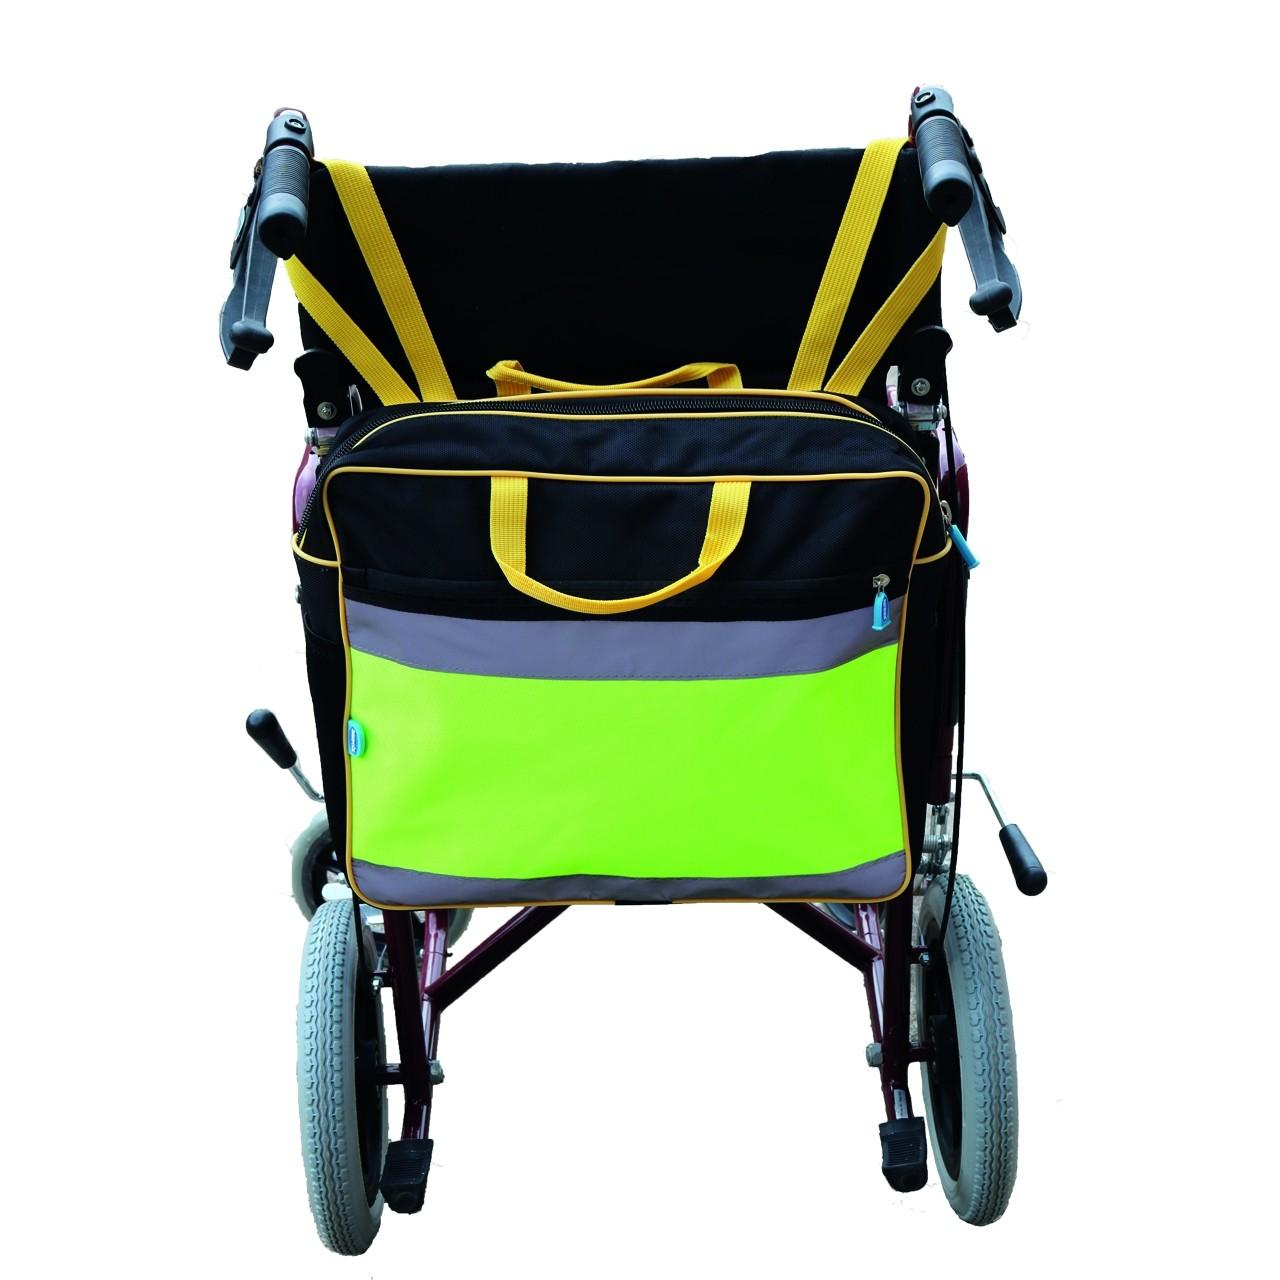 Deluxe Wheelchair Shopping Bag